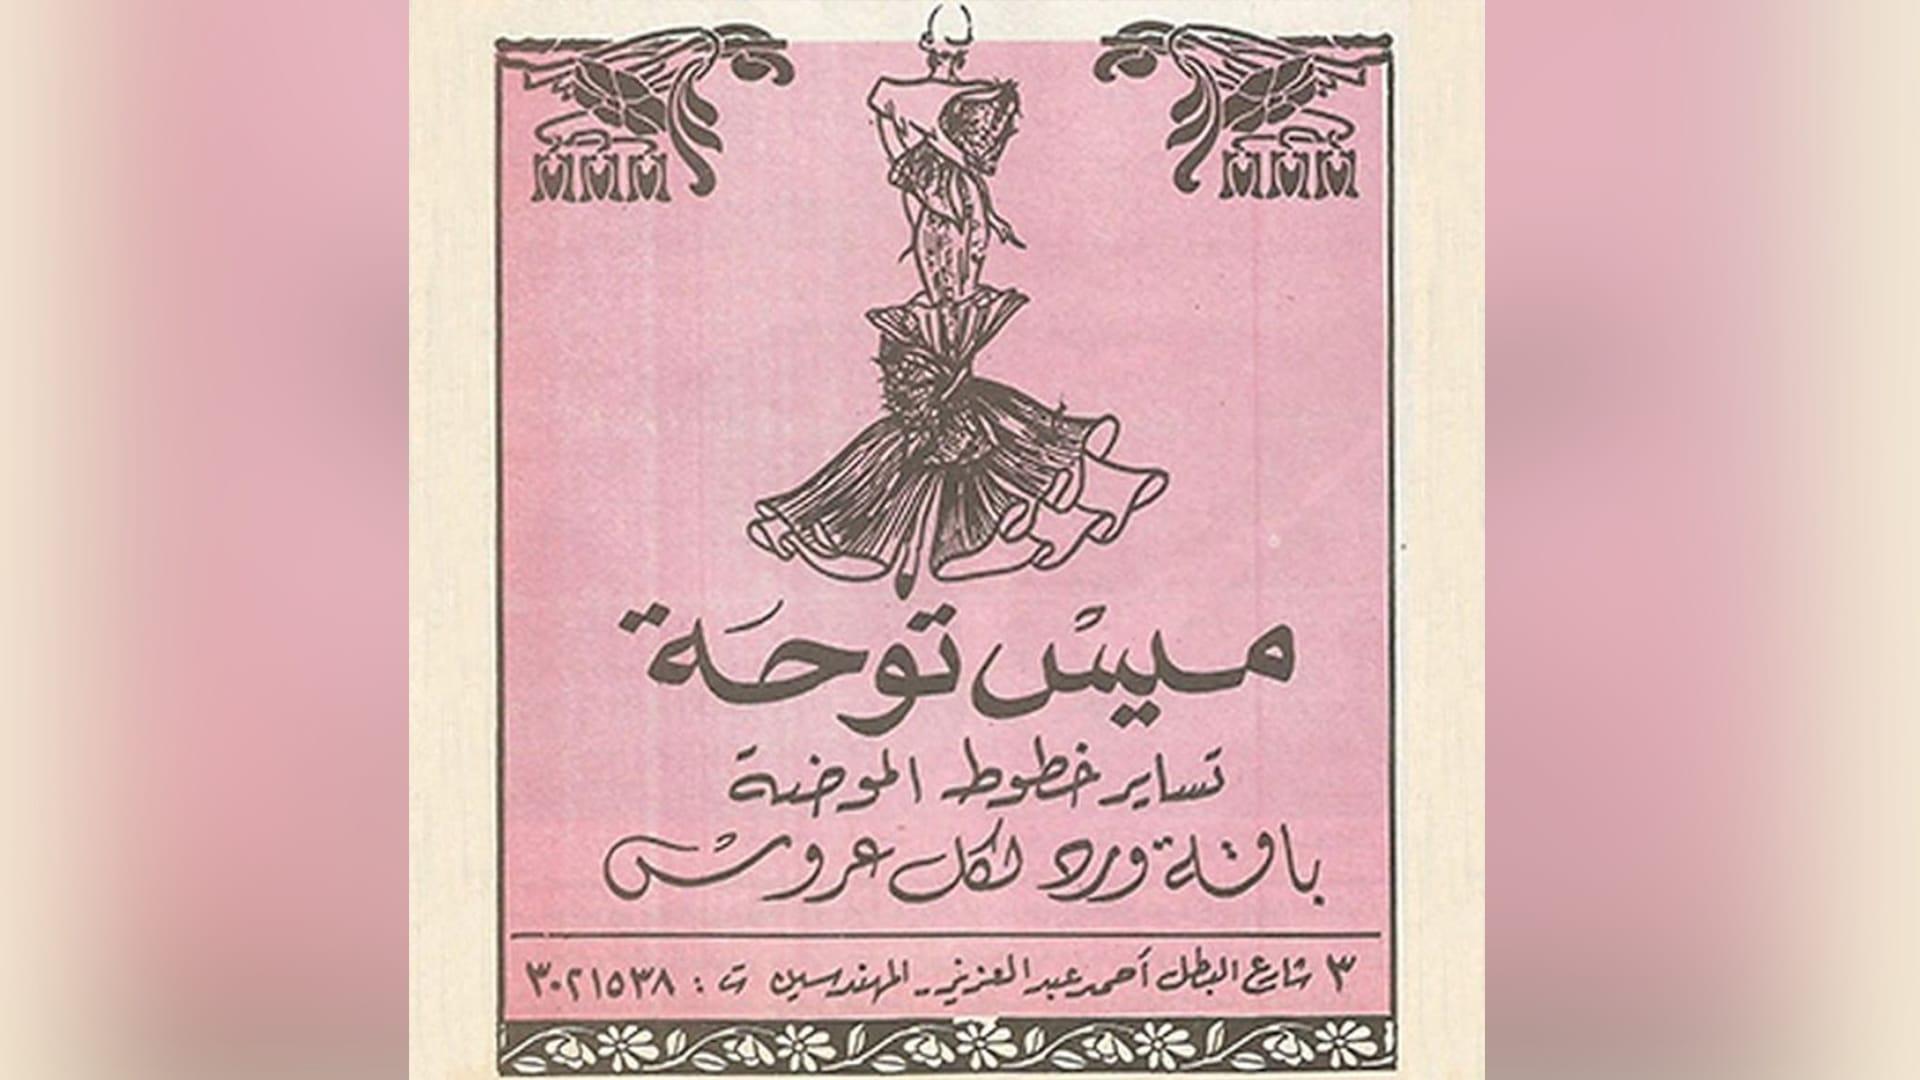 ملصق إعلاني للجمال والموضة من العام 1980.